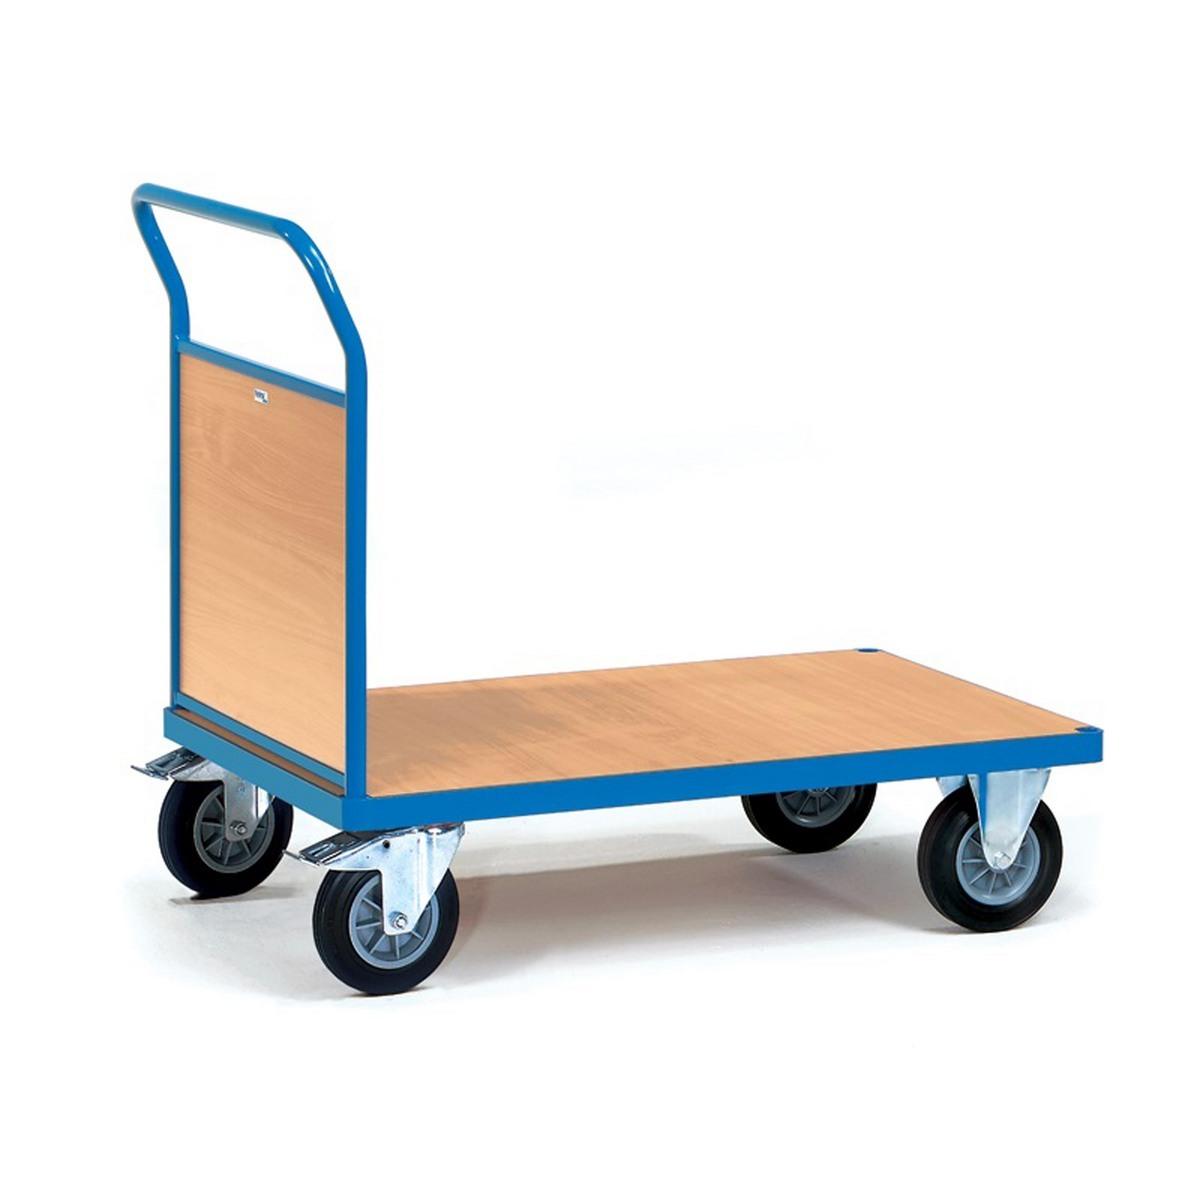 Panelled-end-mod-platform-truck-1